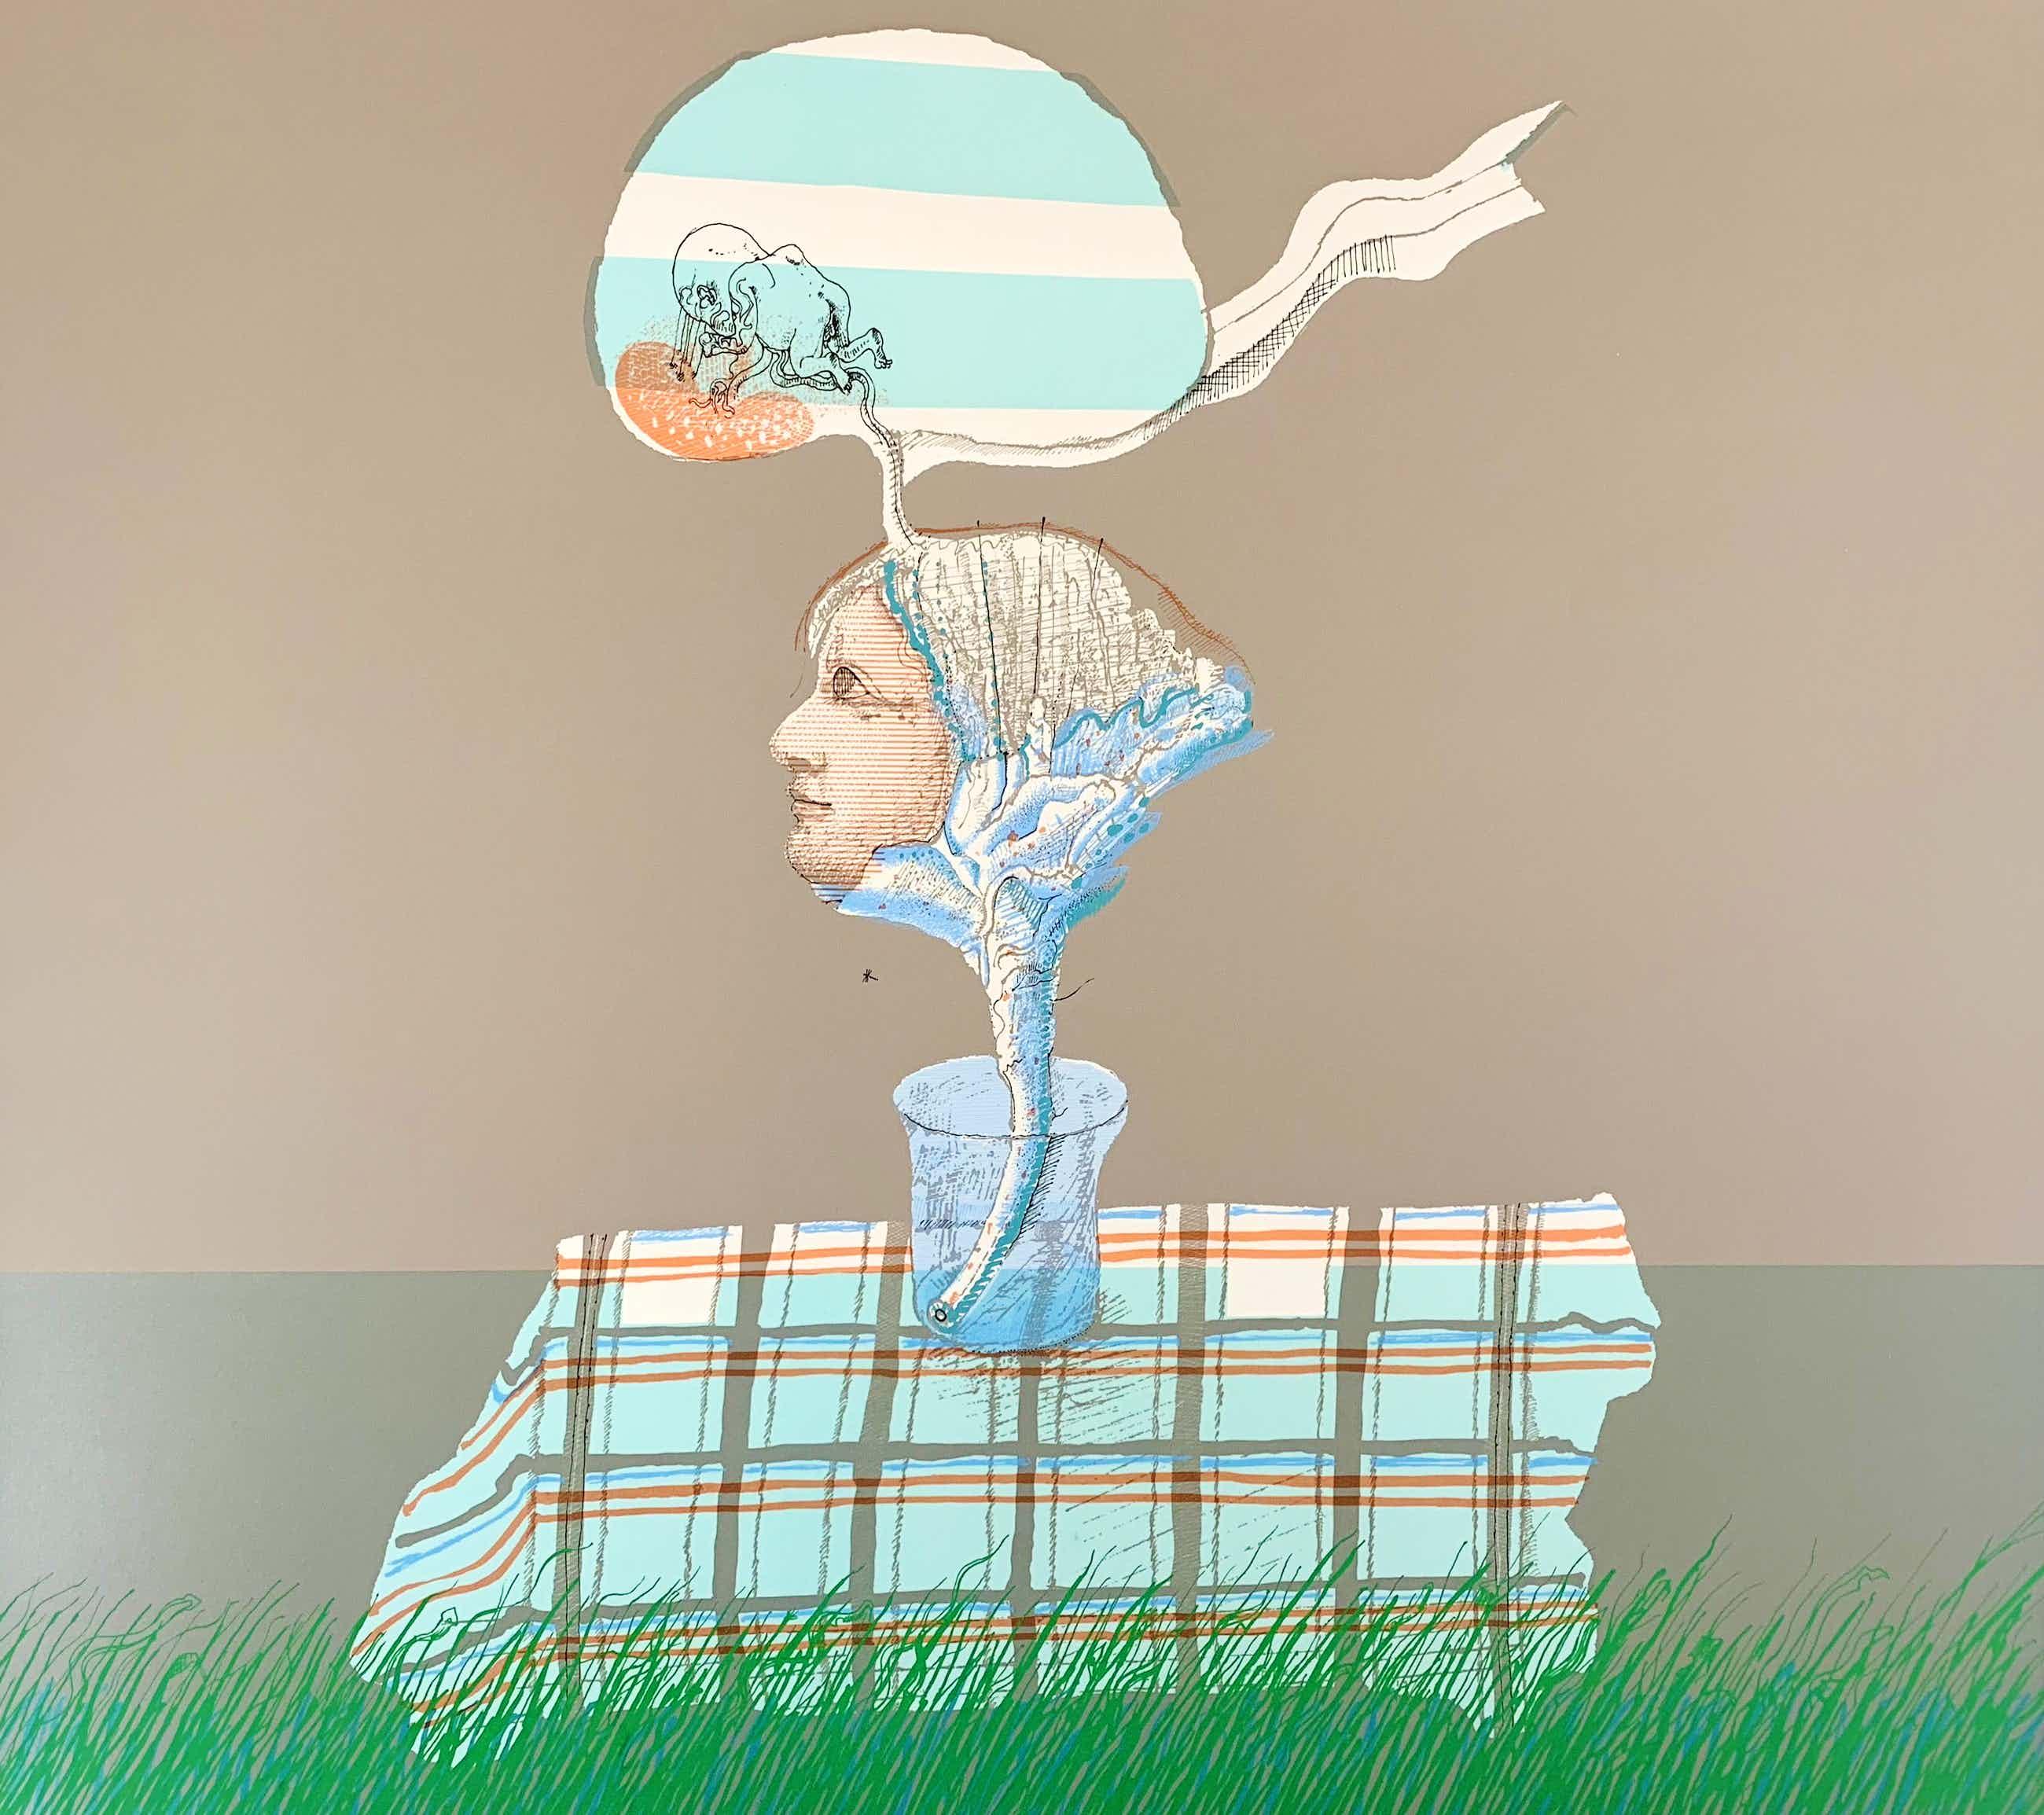 Co Westerik - handgesigneerde kleurenzeefdruk, 'Plantvrouw in glas op tafel buiten' kopen? Bied vanaf 295!